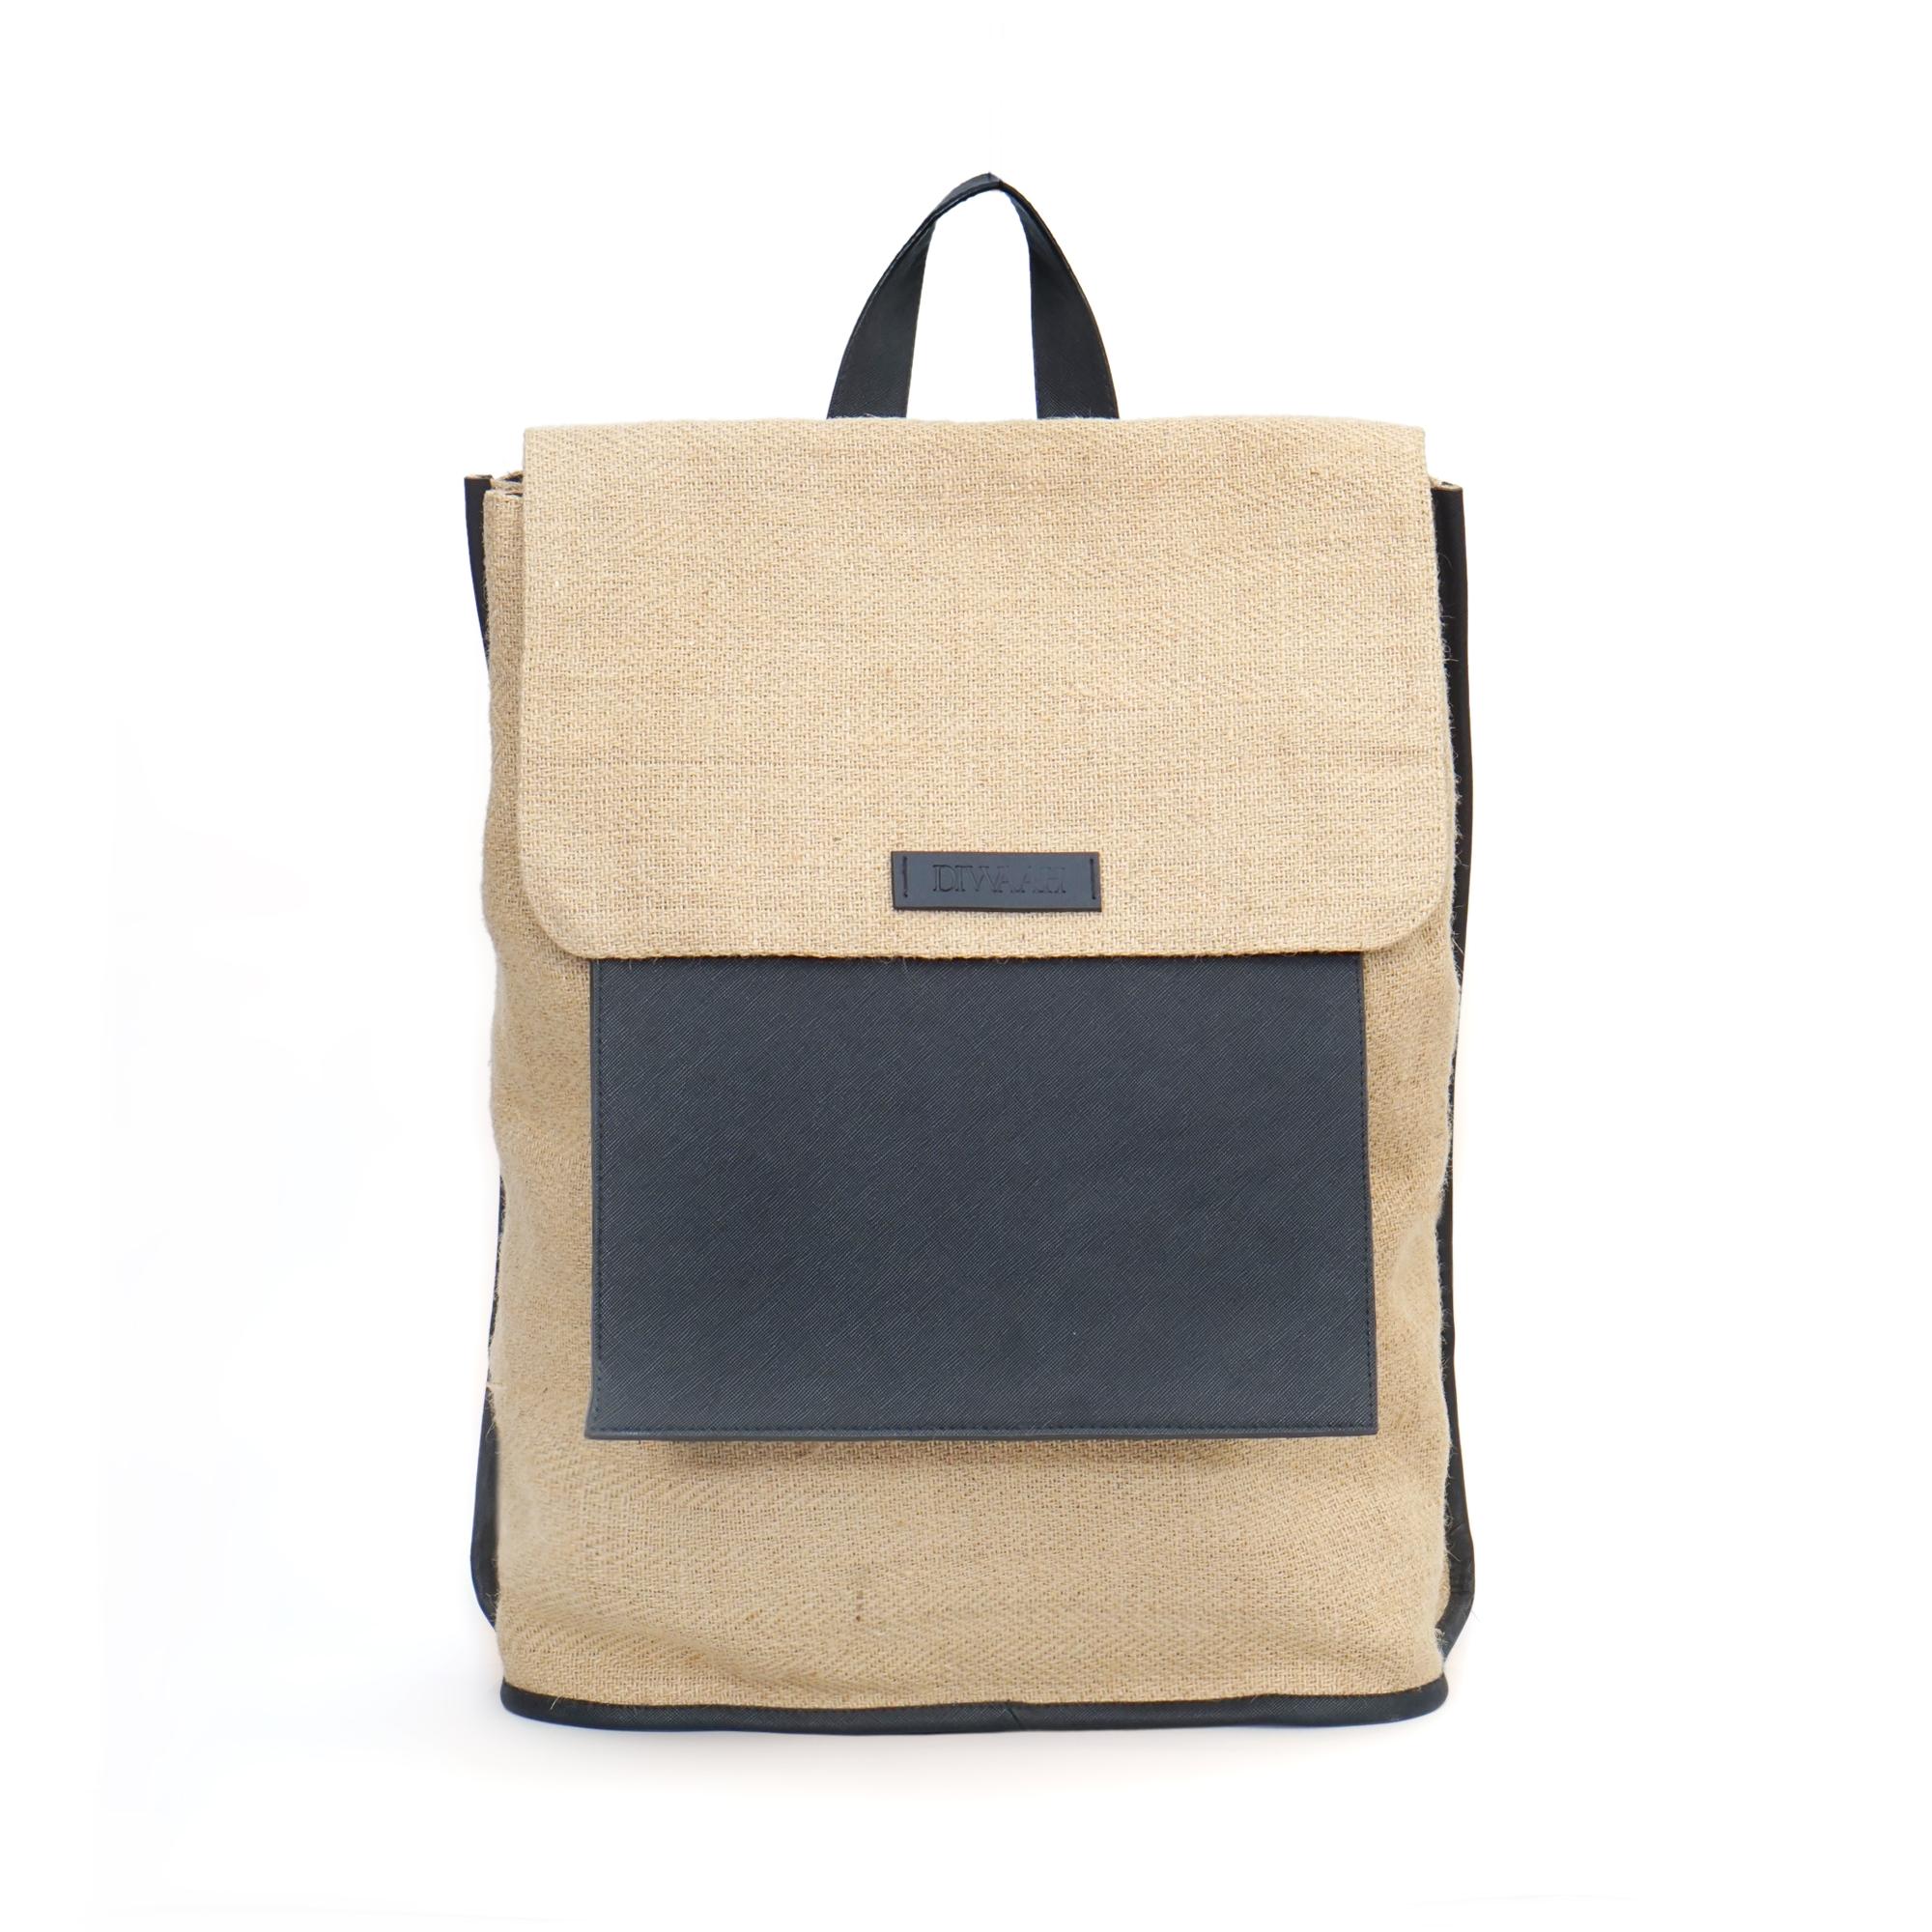 DIWAAH | Diwaah Beige Color Casual Backpack